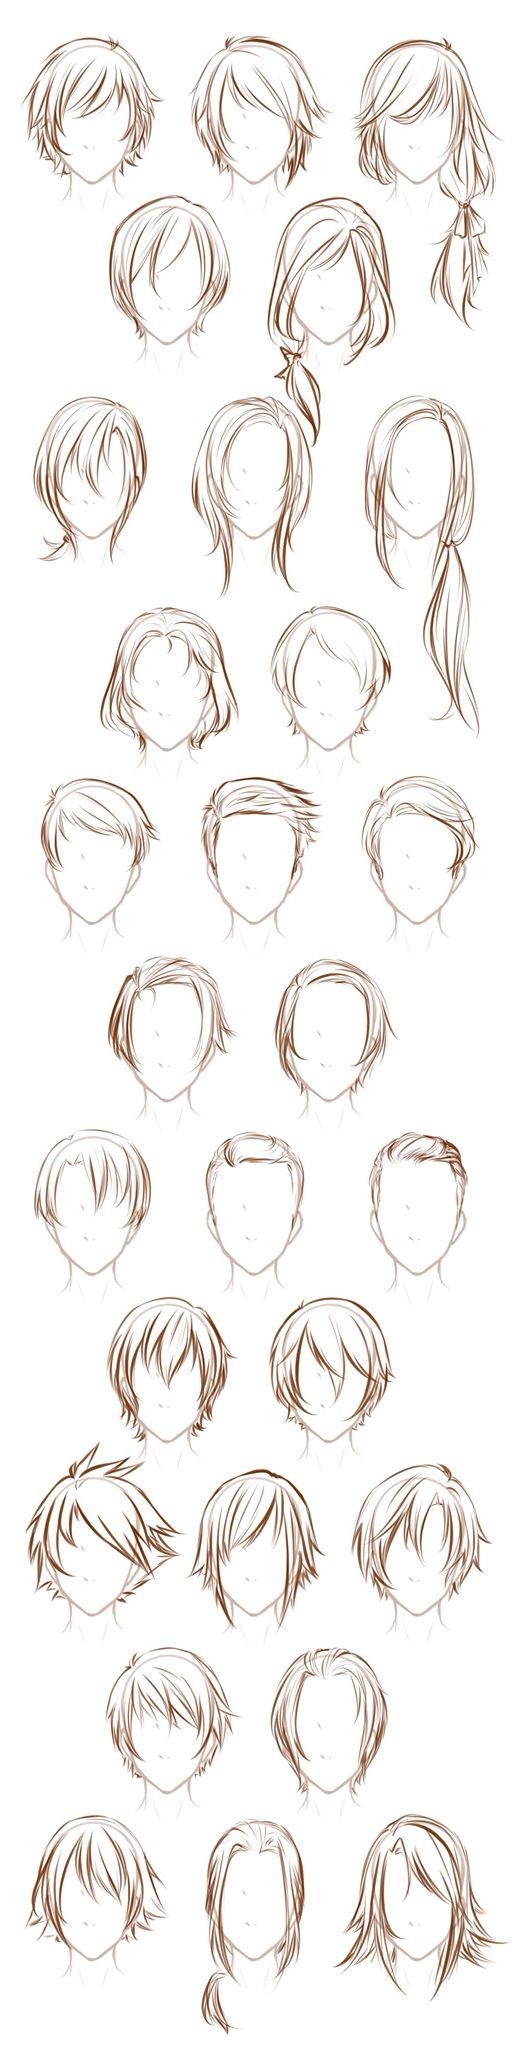 Идеи для причесок | Ideas for hair